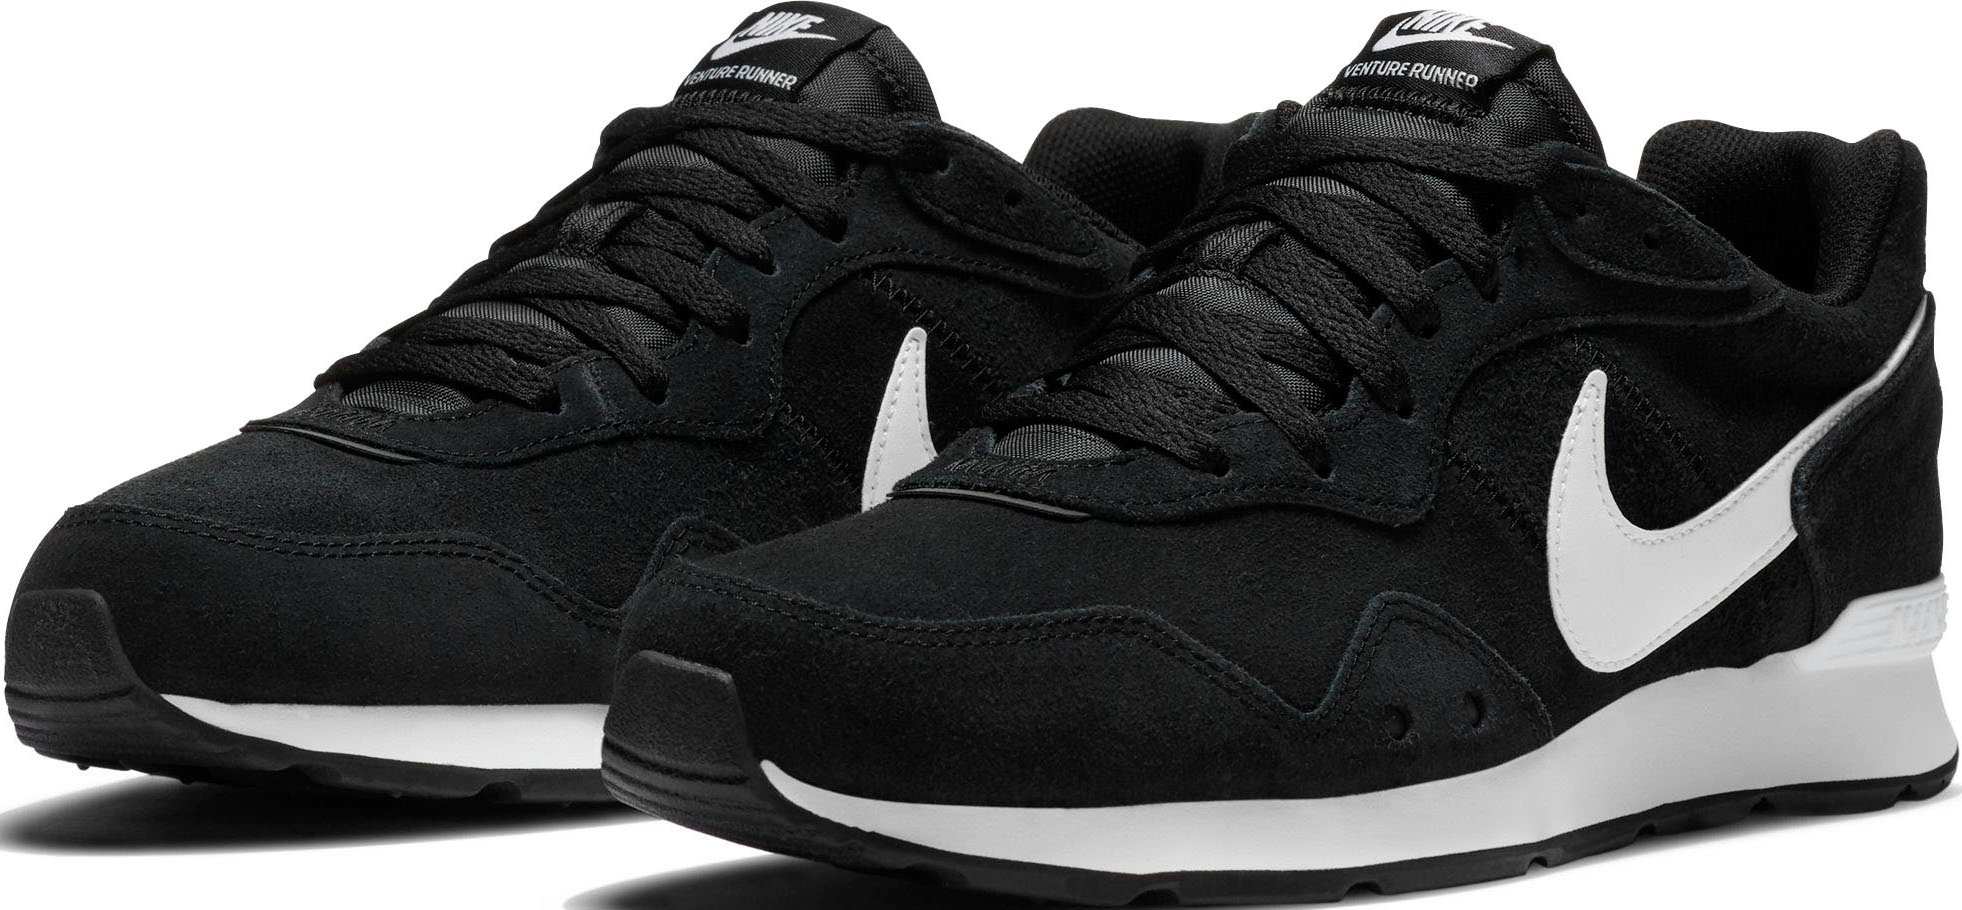 Nike Sportswear Nike sneakers »Venture Runner Suede« voordelig en veilig online kopen